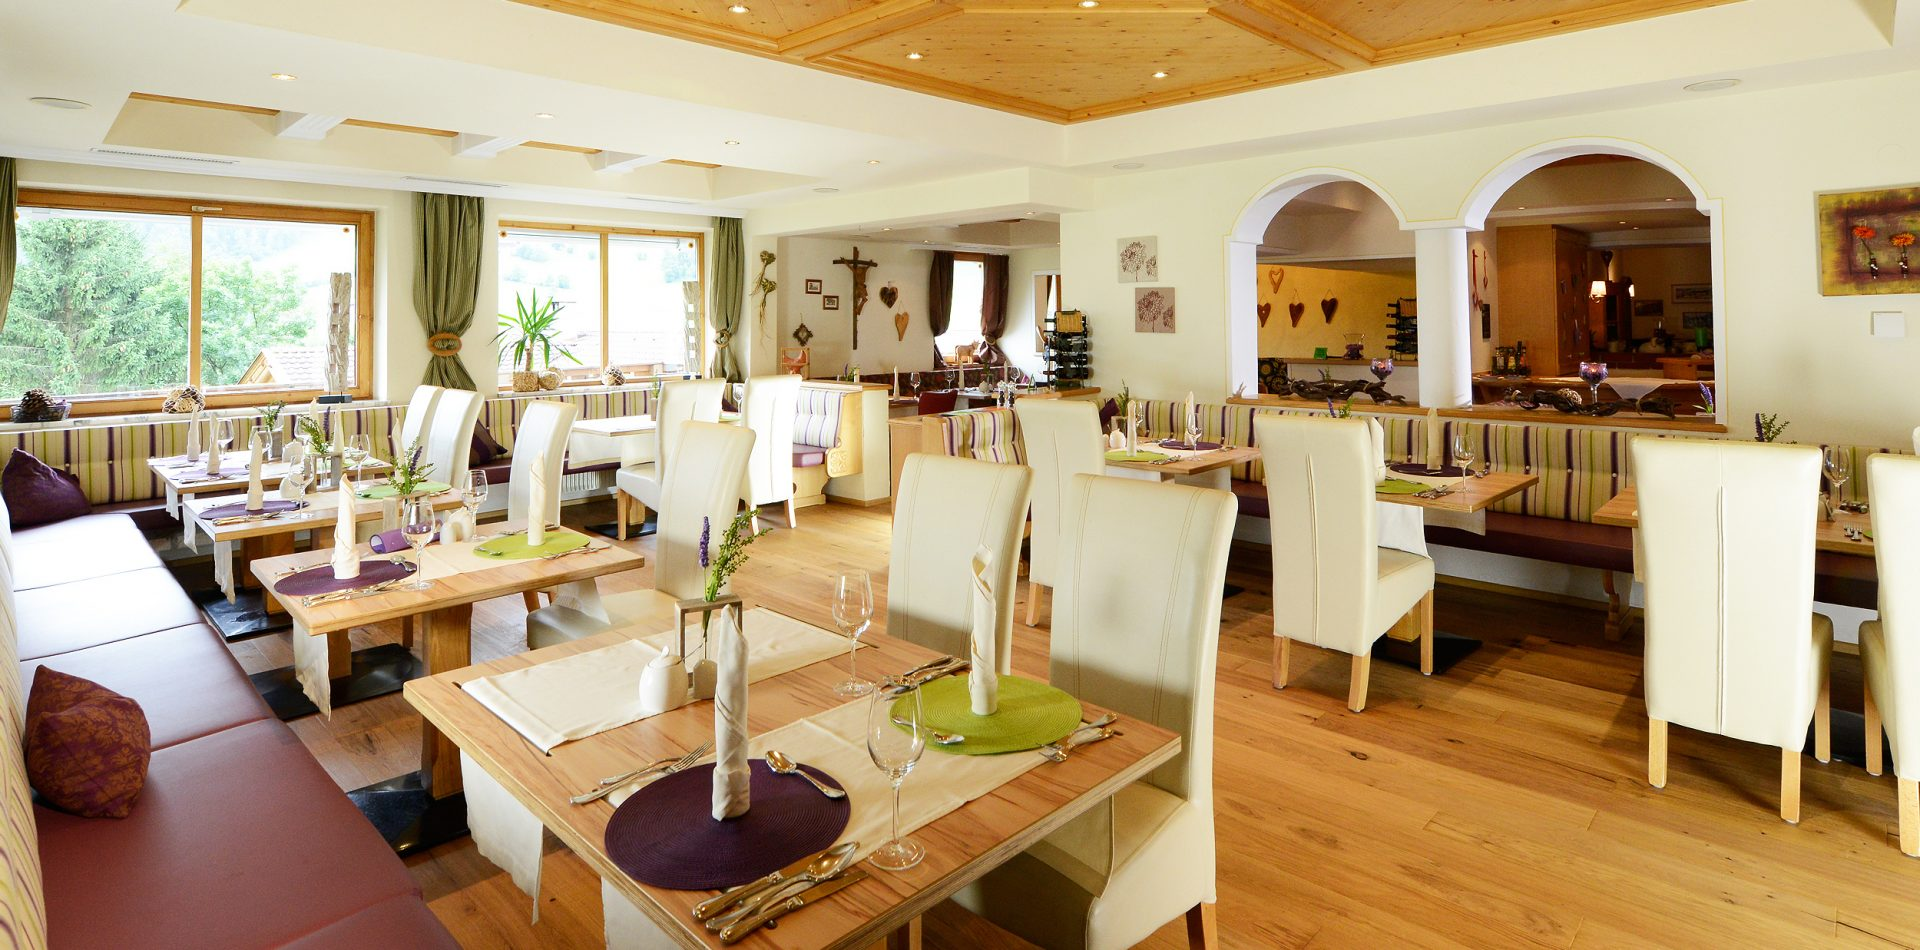 Speisesaal vom LifeStyle Hotel Neustift, dem Ski Hotel im Stubaital